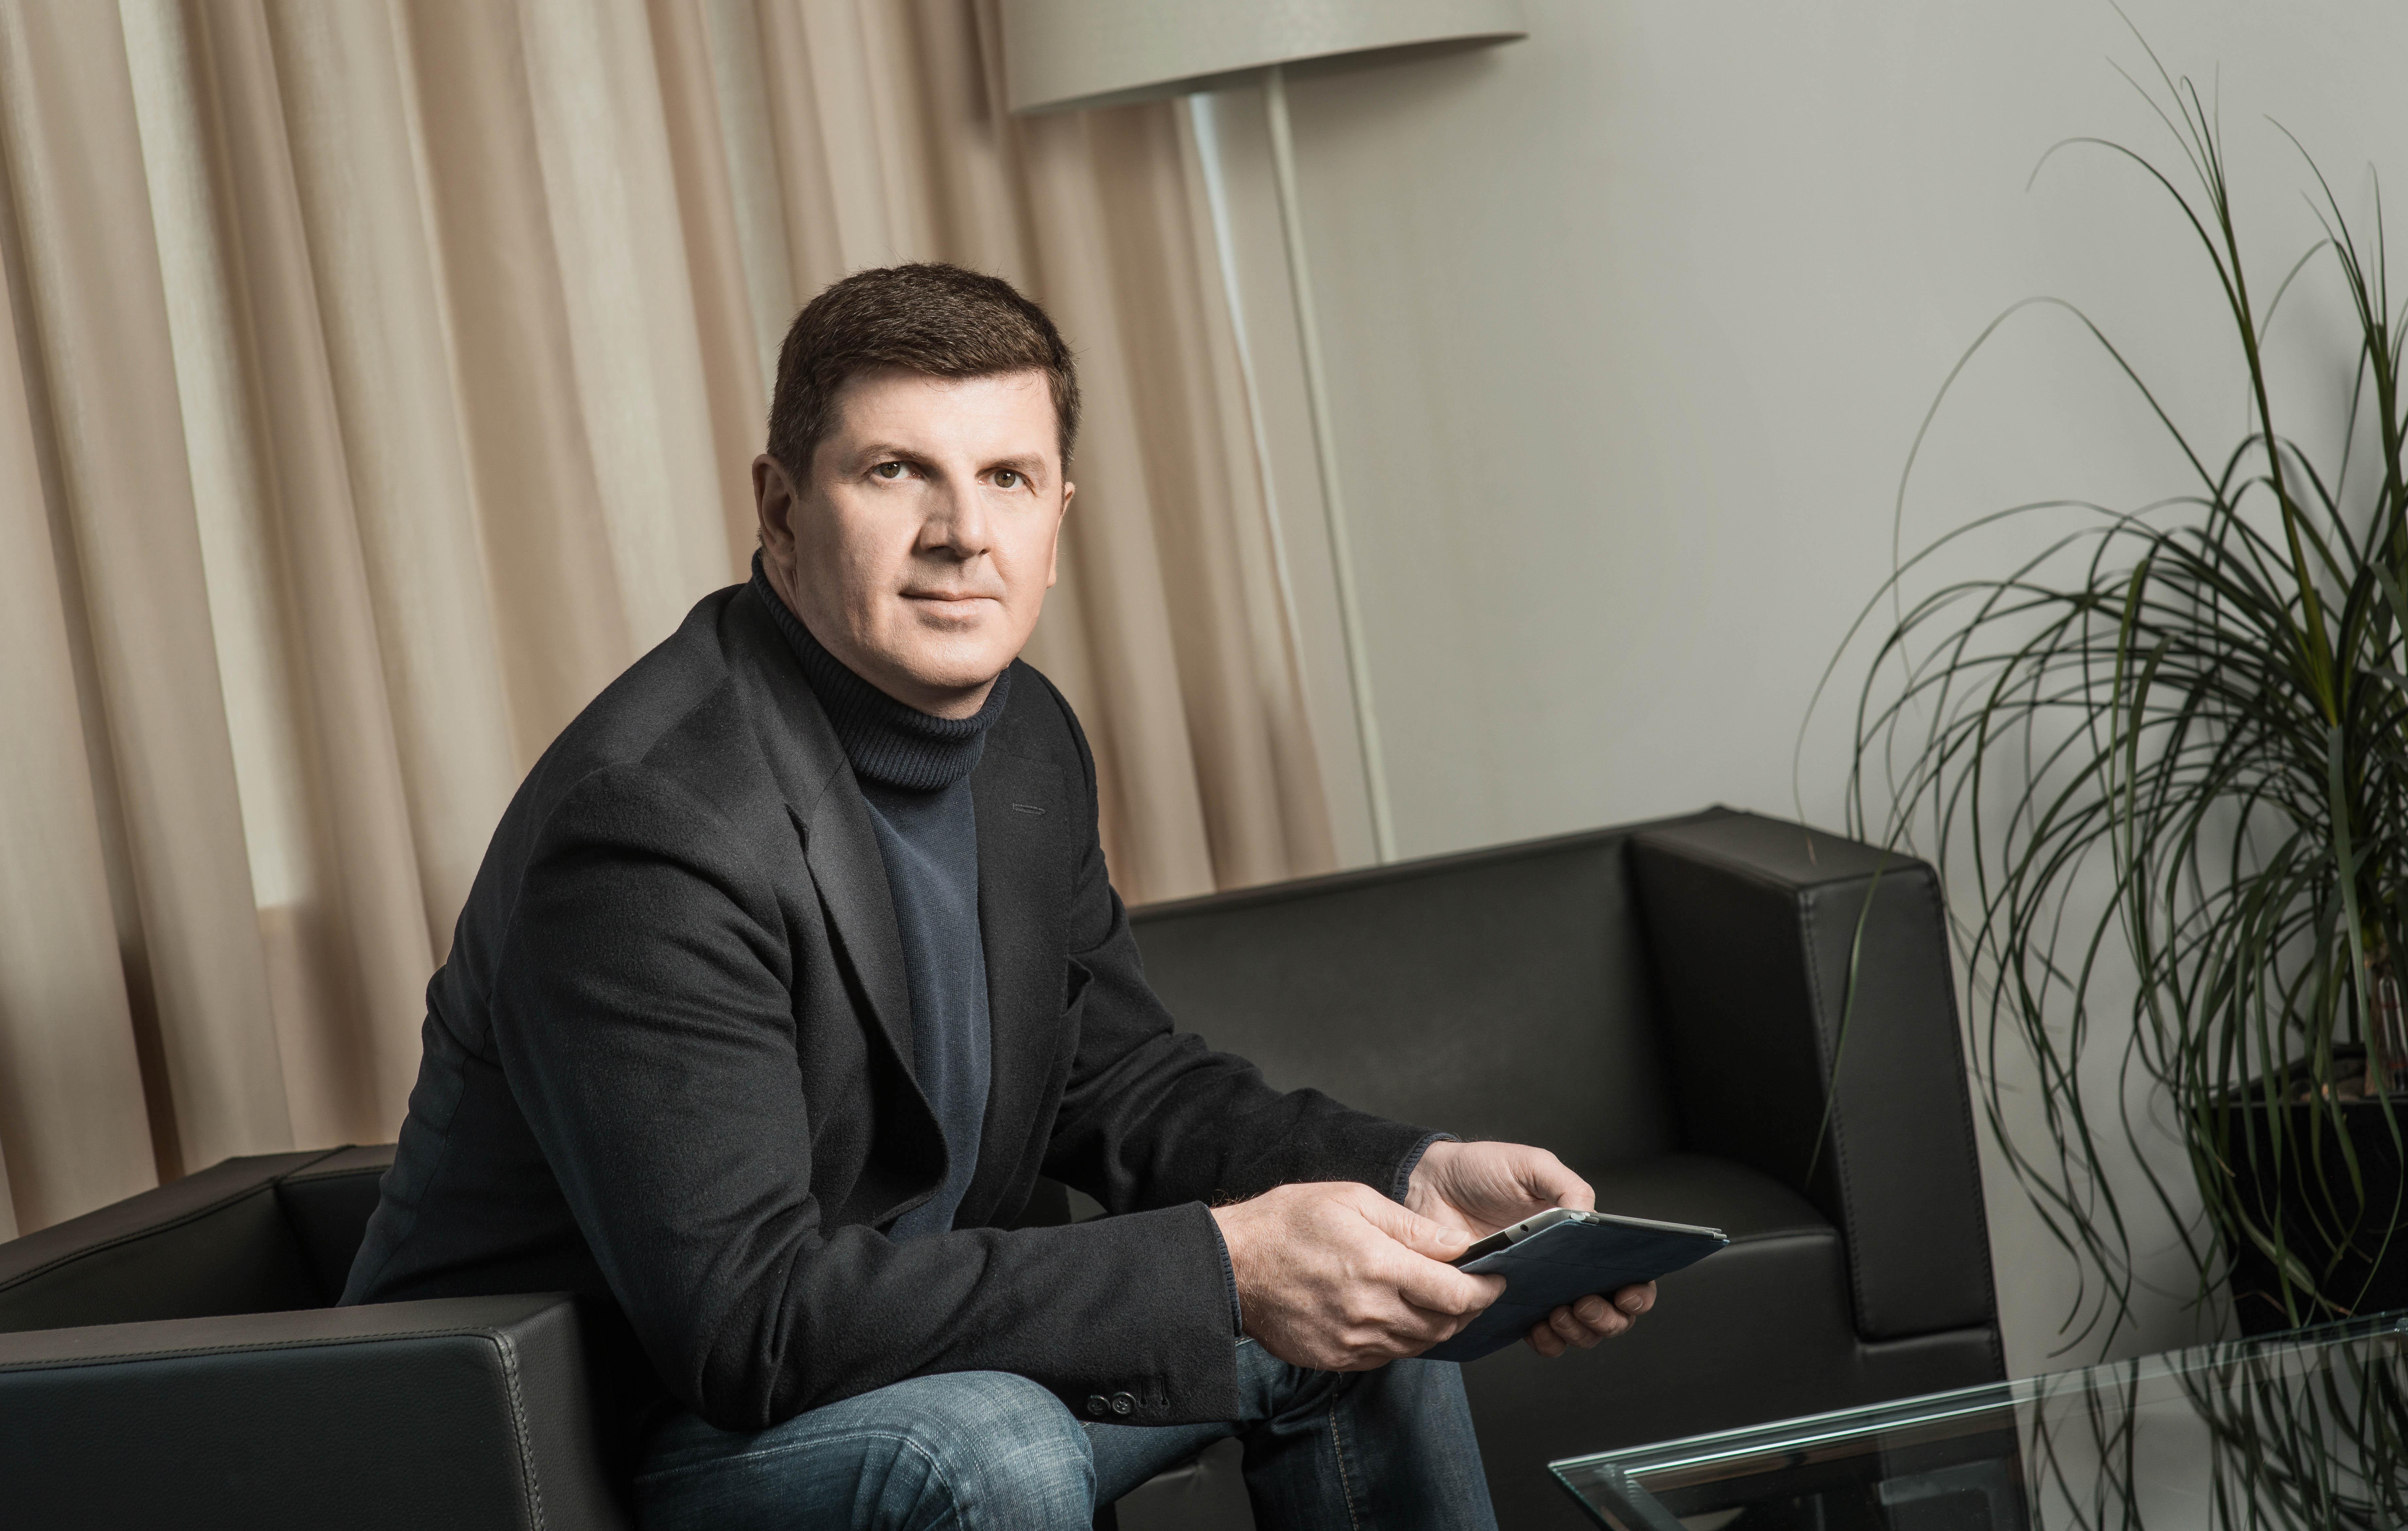 Helmut Duhs, CEO of Velcom (courtesy of Velcom)